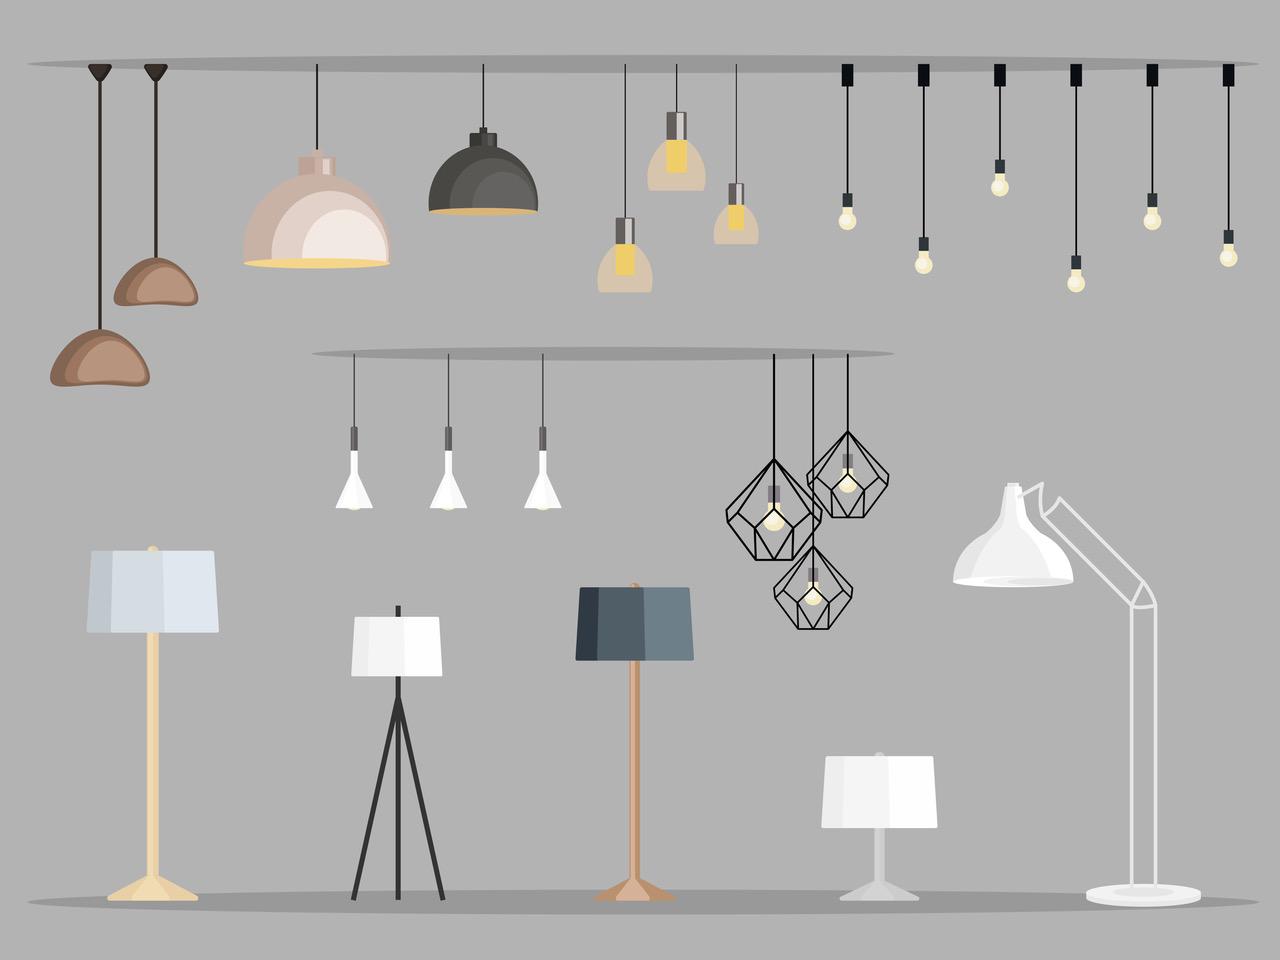 Onmisbare verlichting in huis